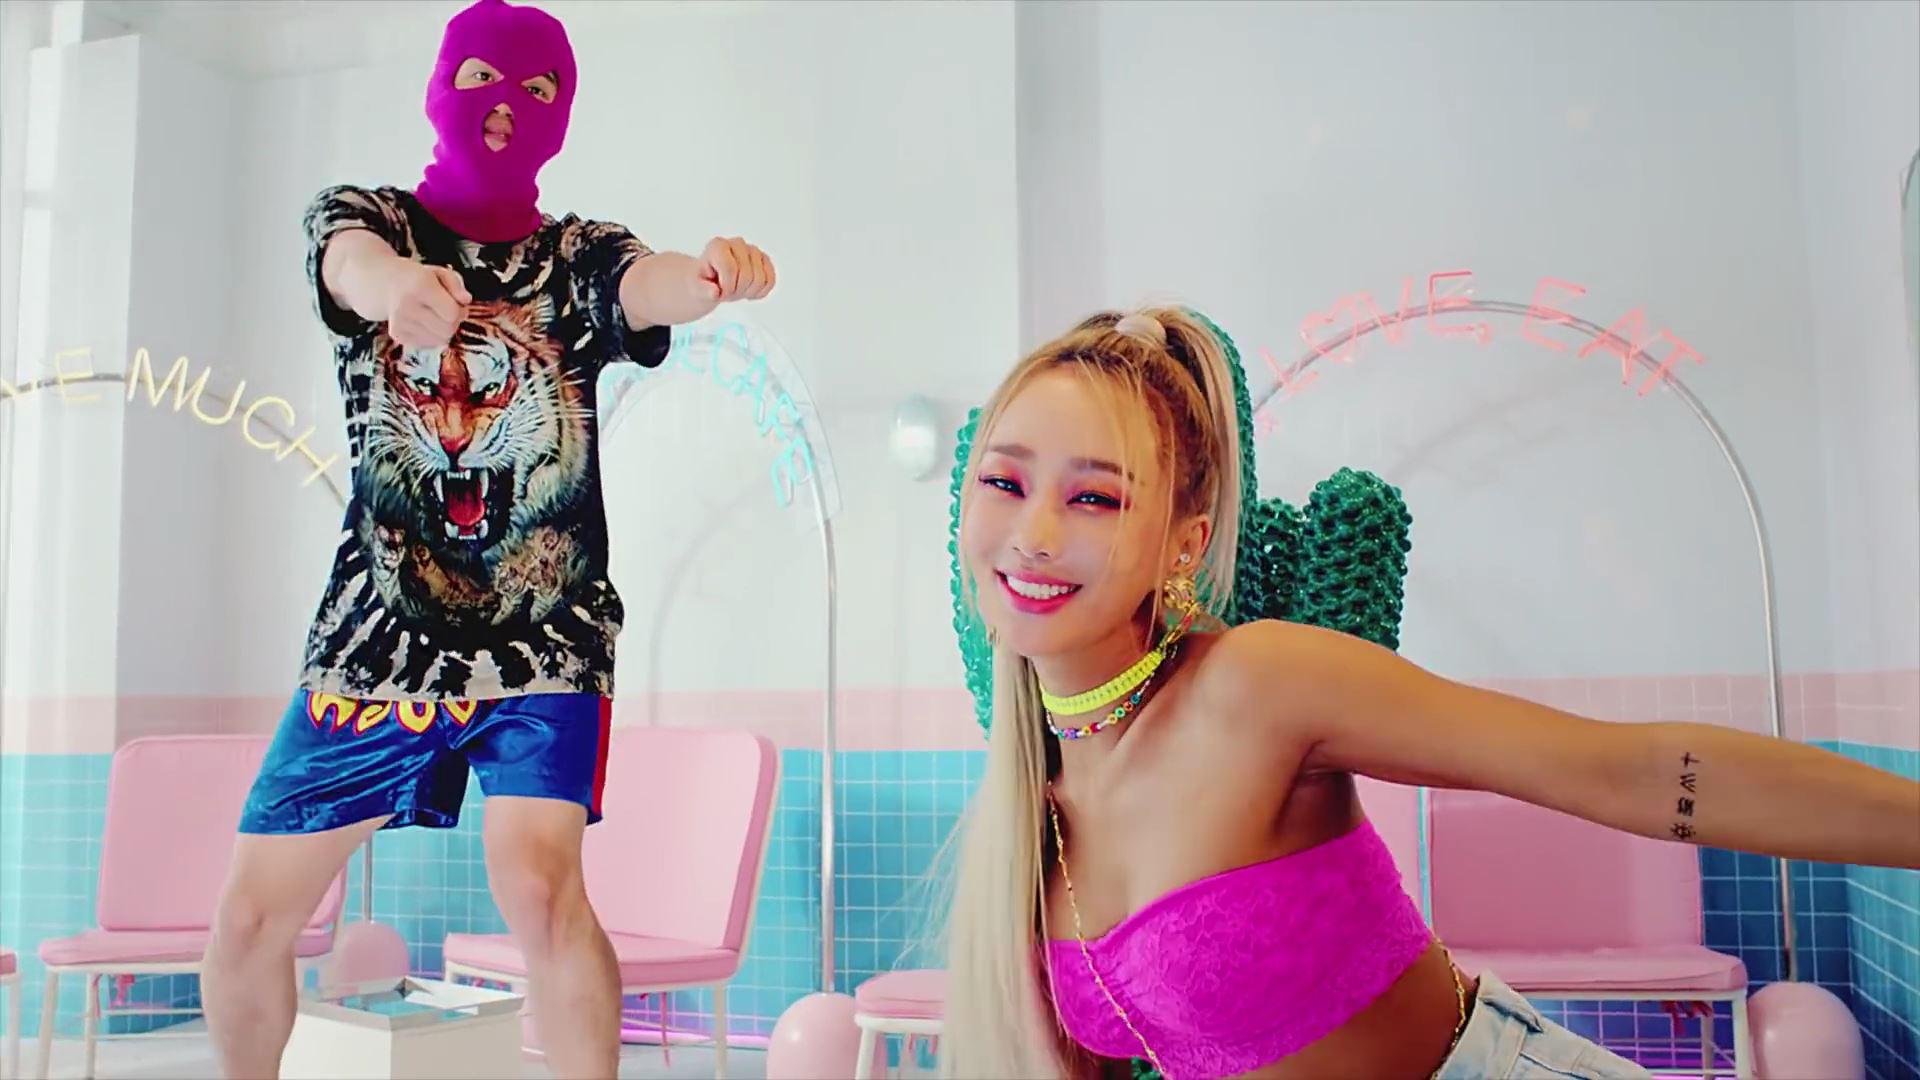 워시엔조이 셀프빨래방에서 촬영된 효린 say my name 뮤직비디오 사진입니다.